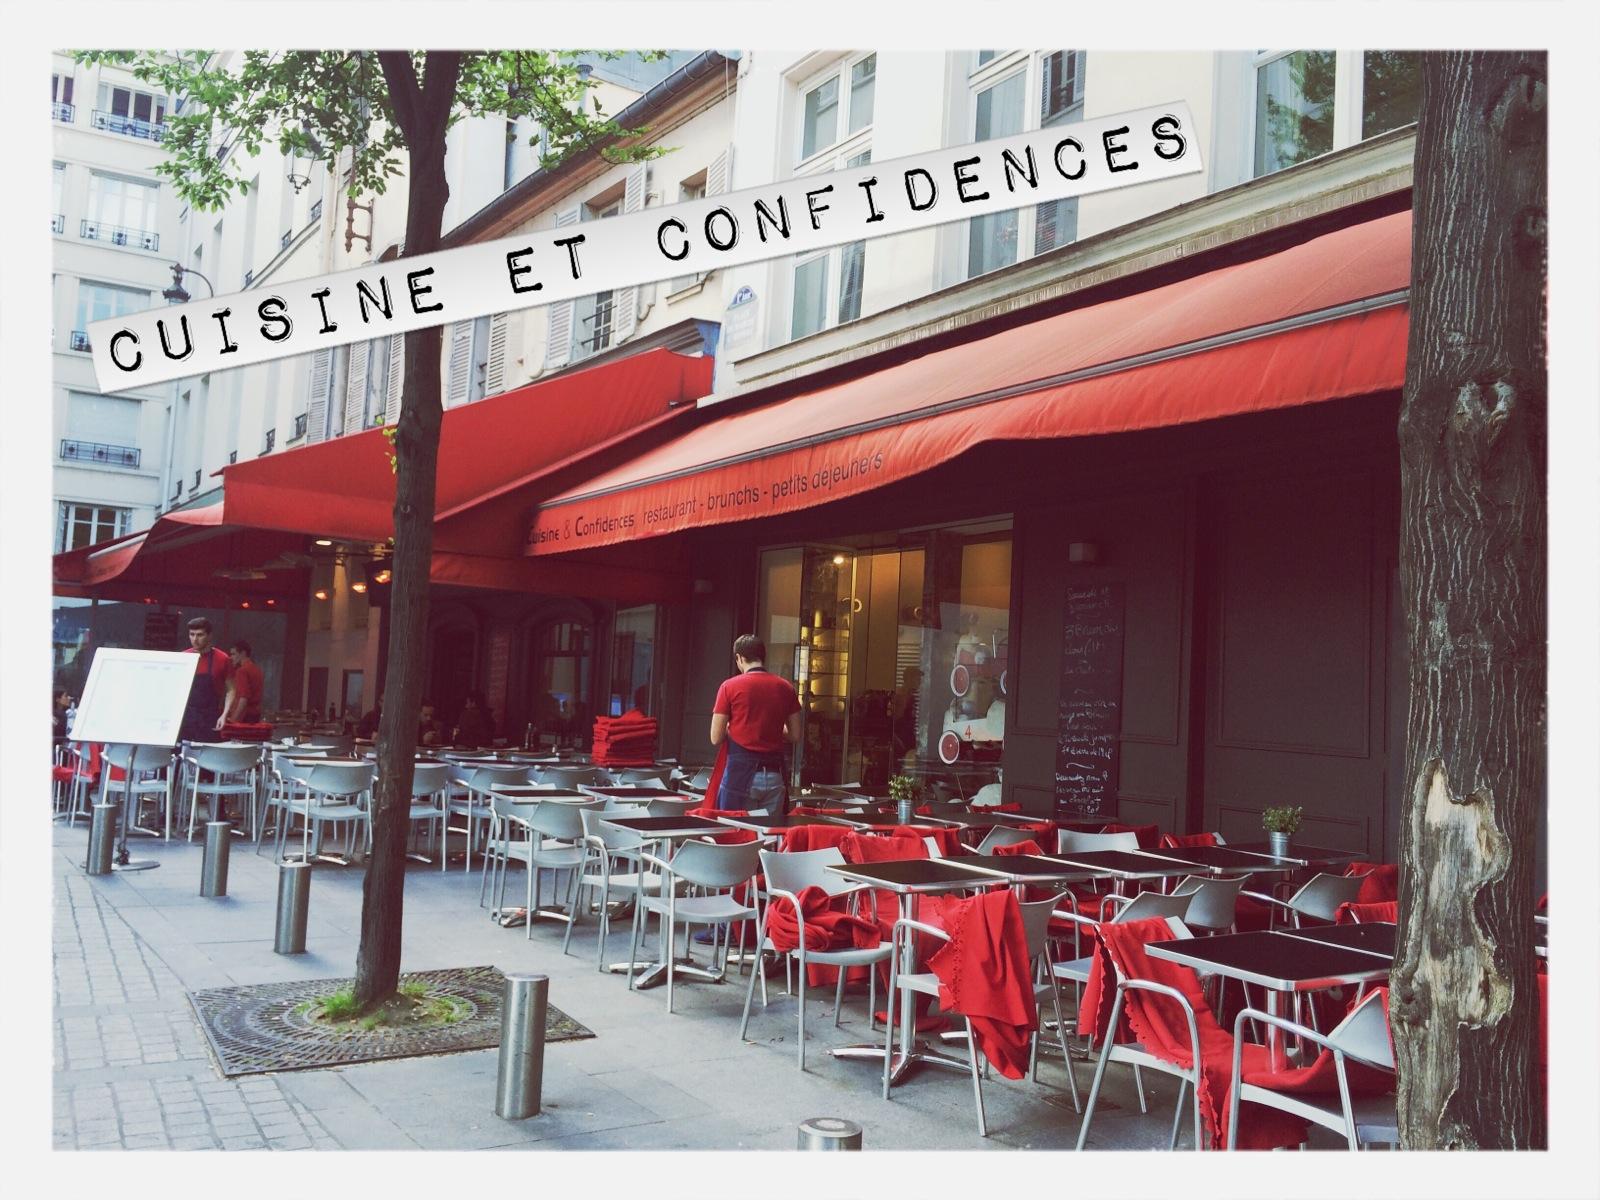 Dejeuner Entre Copines Chez Cuisine Et Confidences Dans Mon Sac